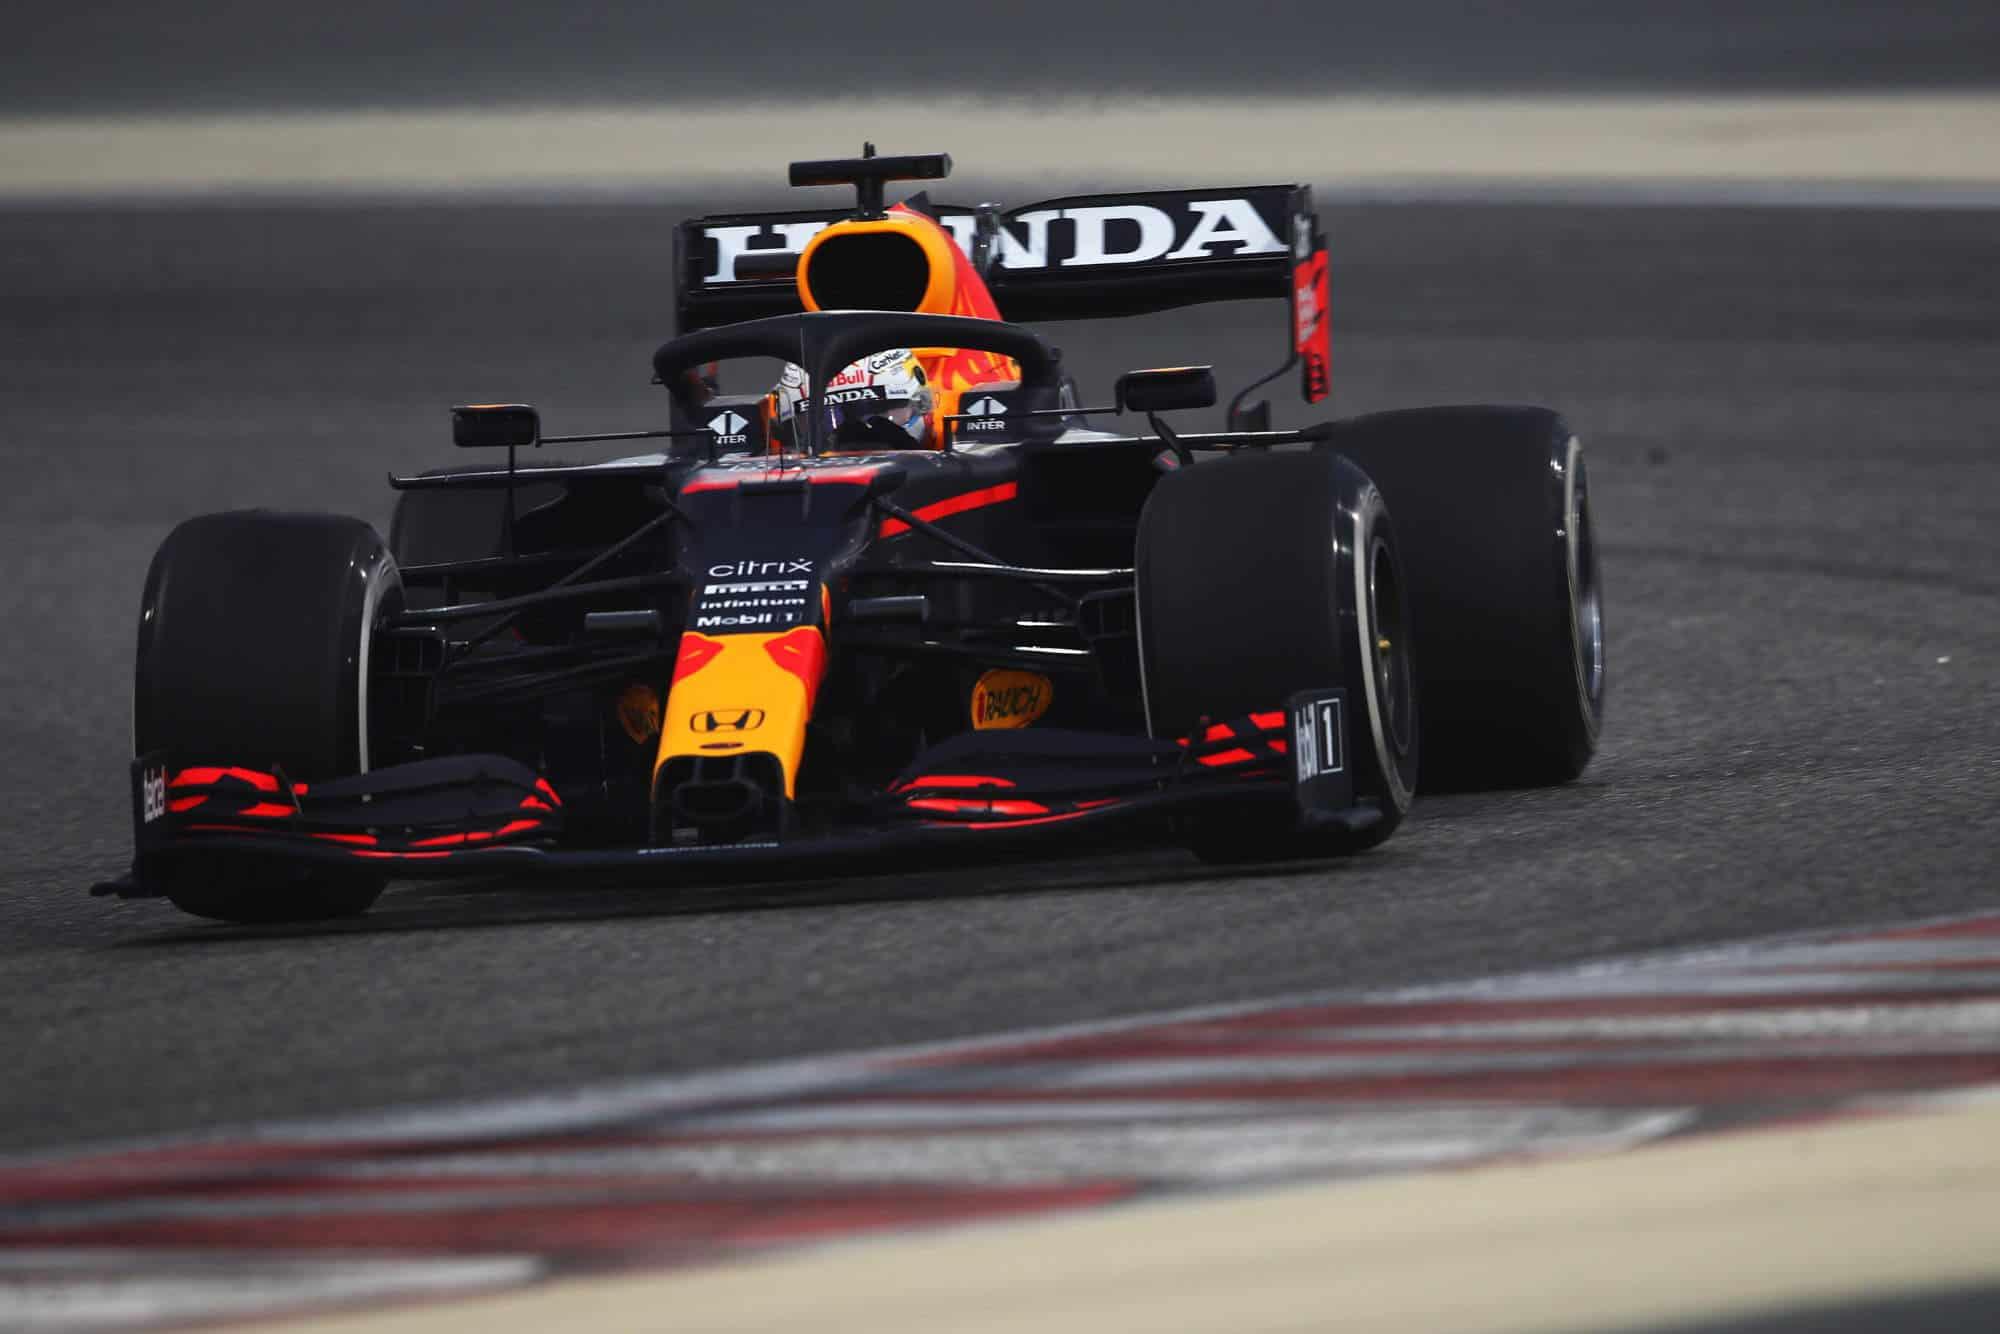 2021 Bahrain F1 Test Sunday Day 3 Verstappen Red Bull C2 Pirelli Photo Red Bull